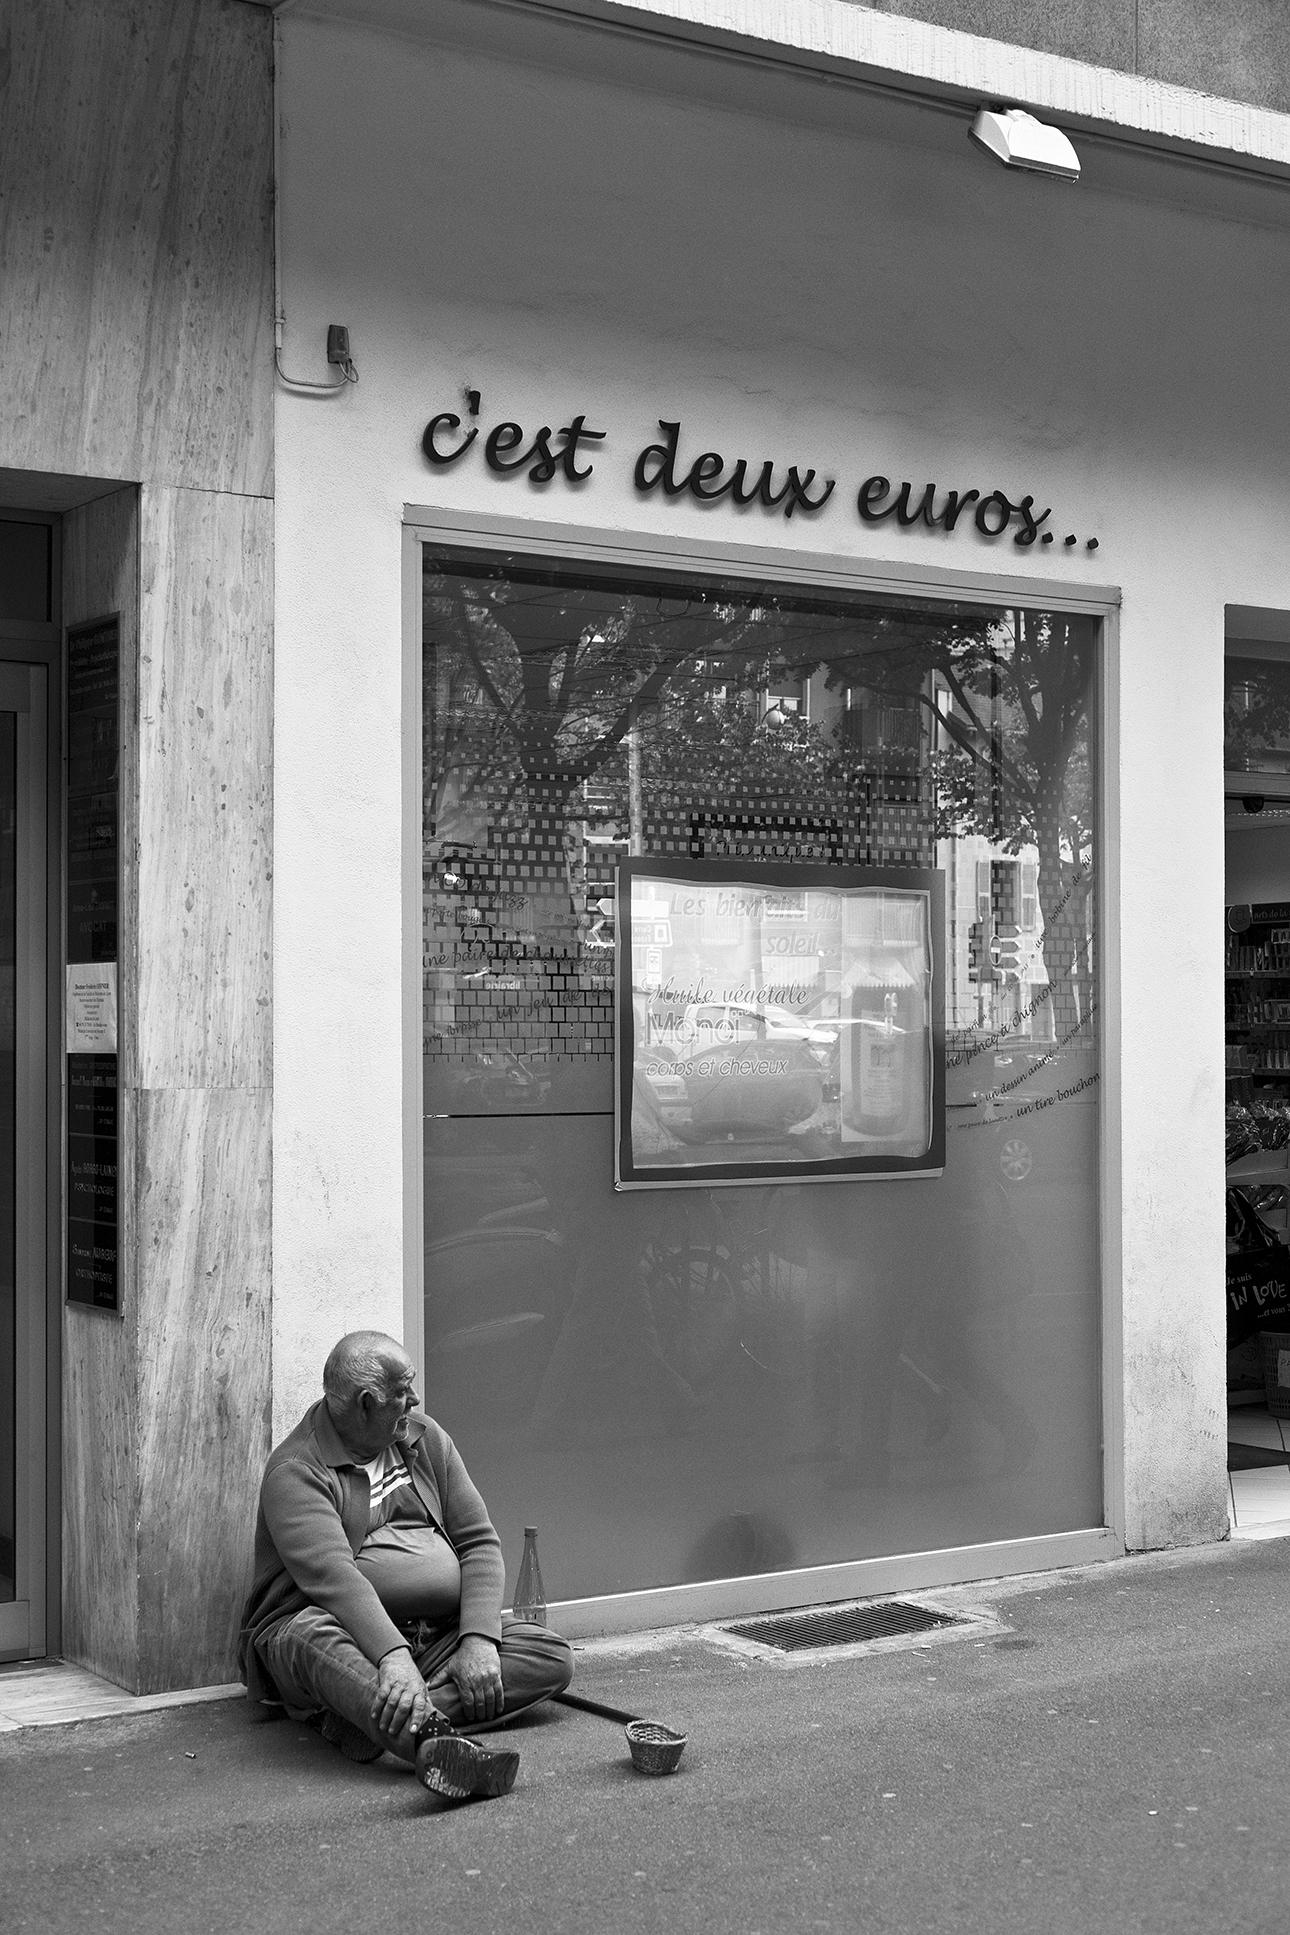 deux-euros-Chambéry-mai-2011.jpg